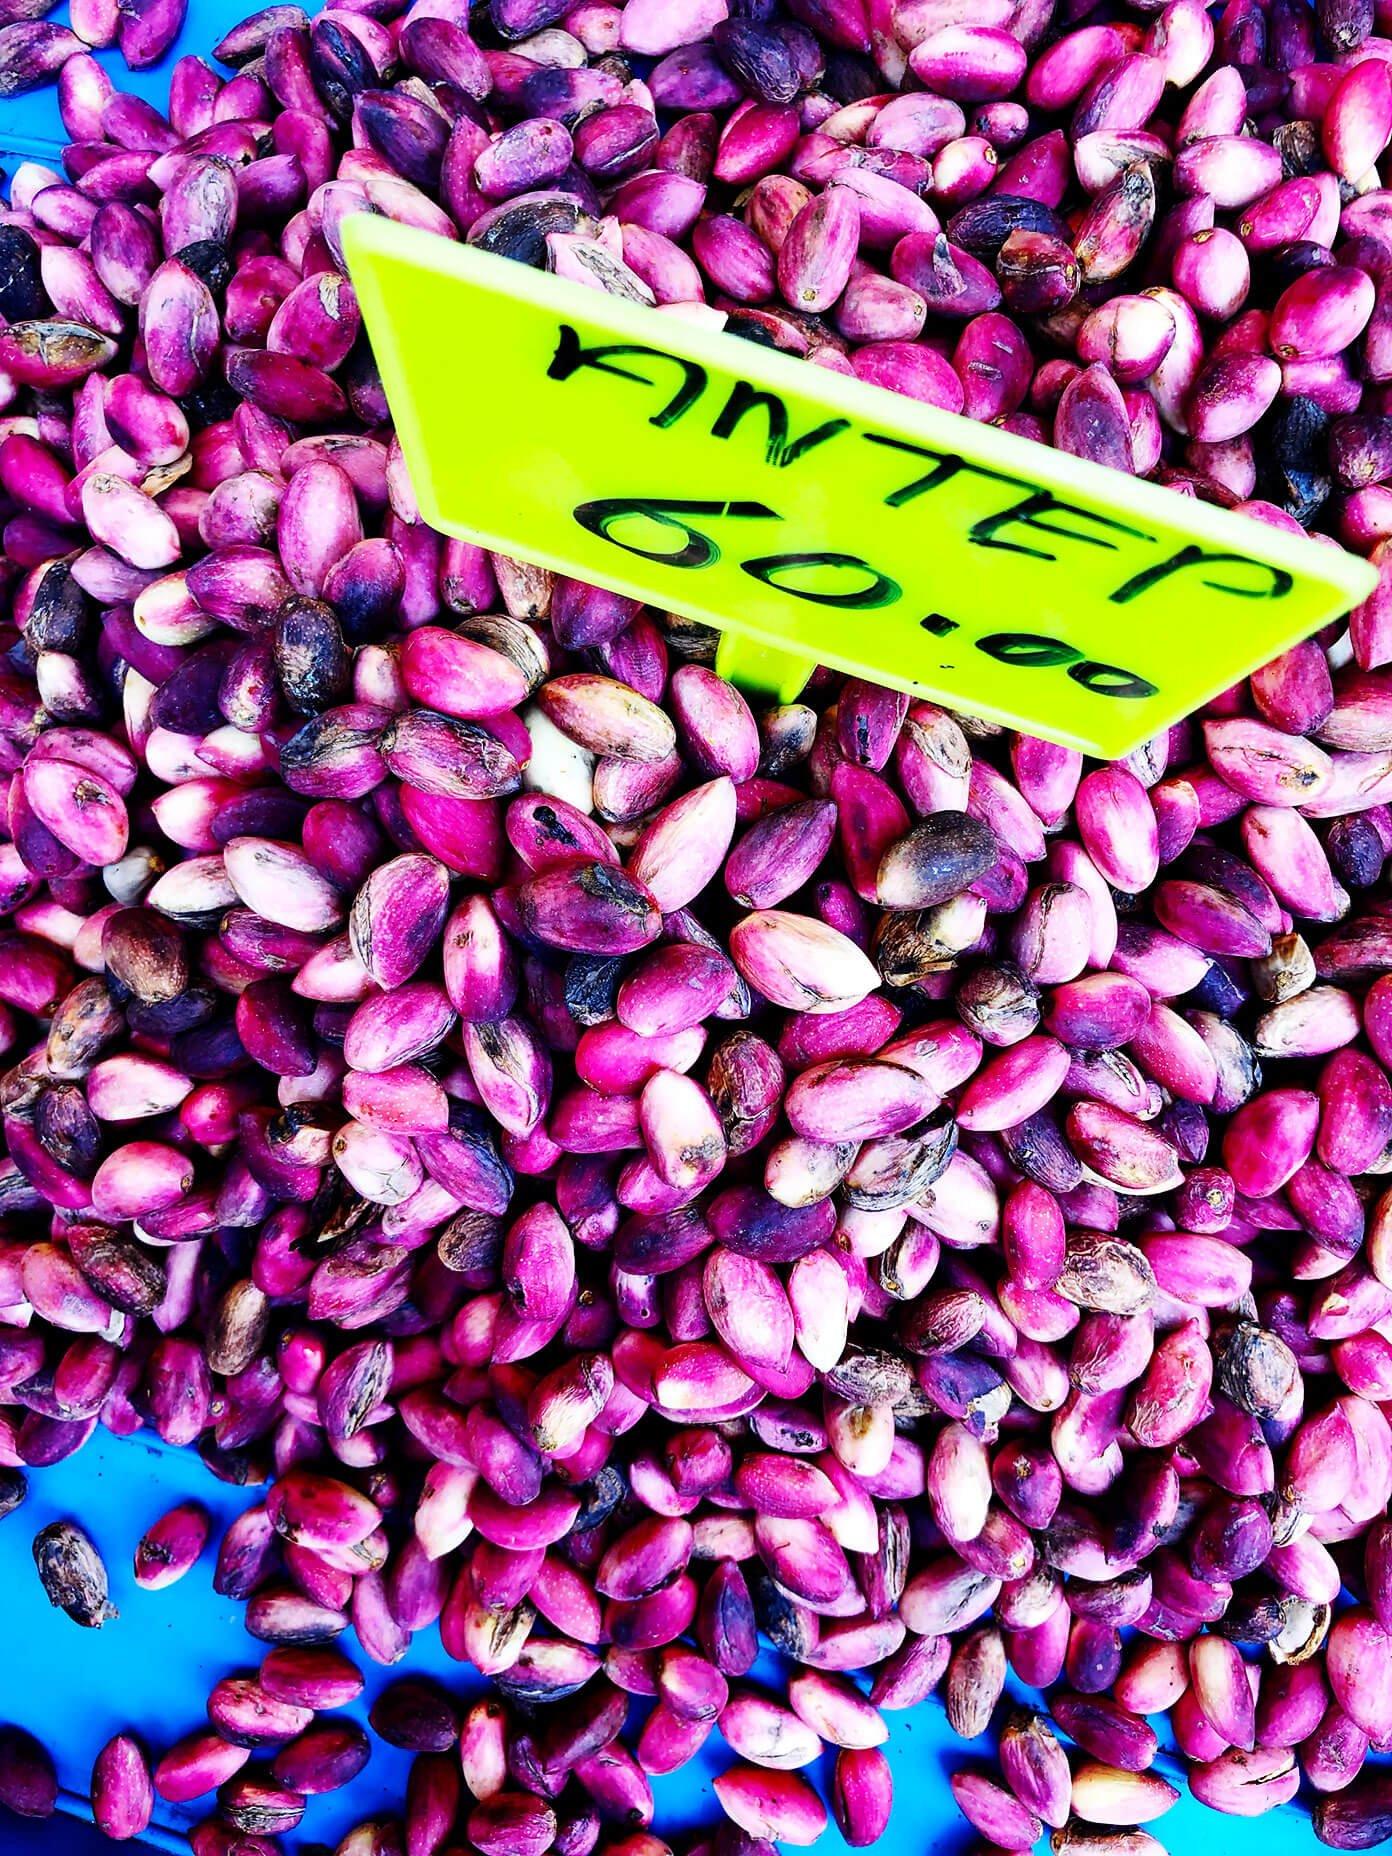 Purple pistachios